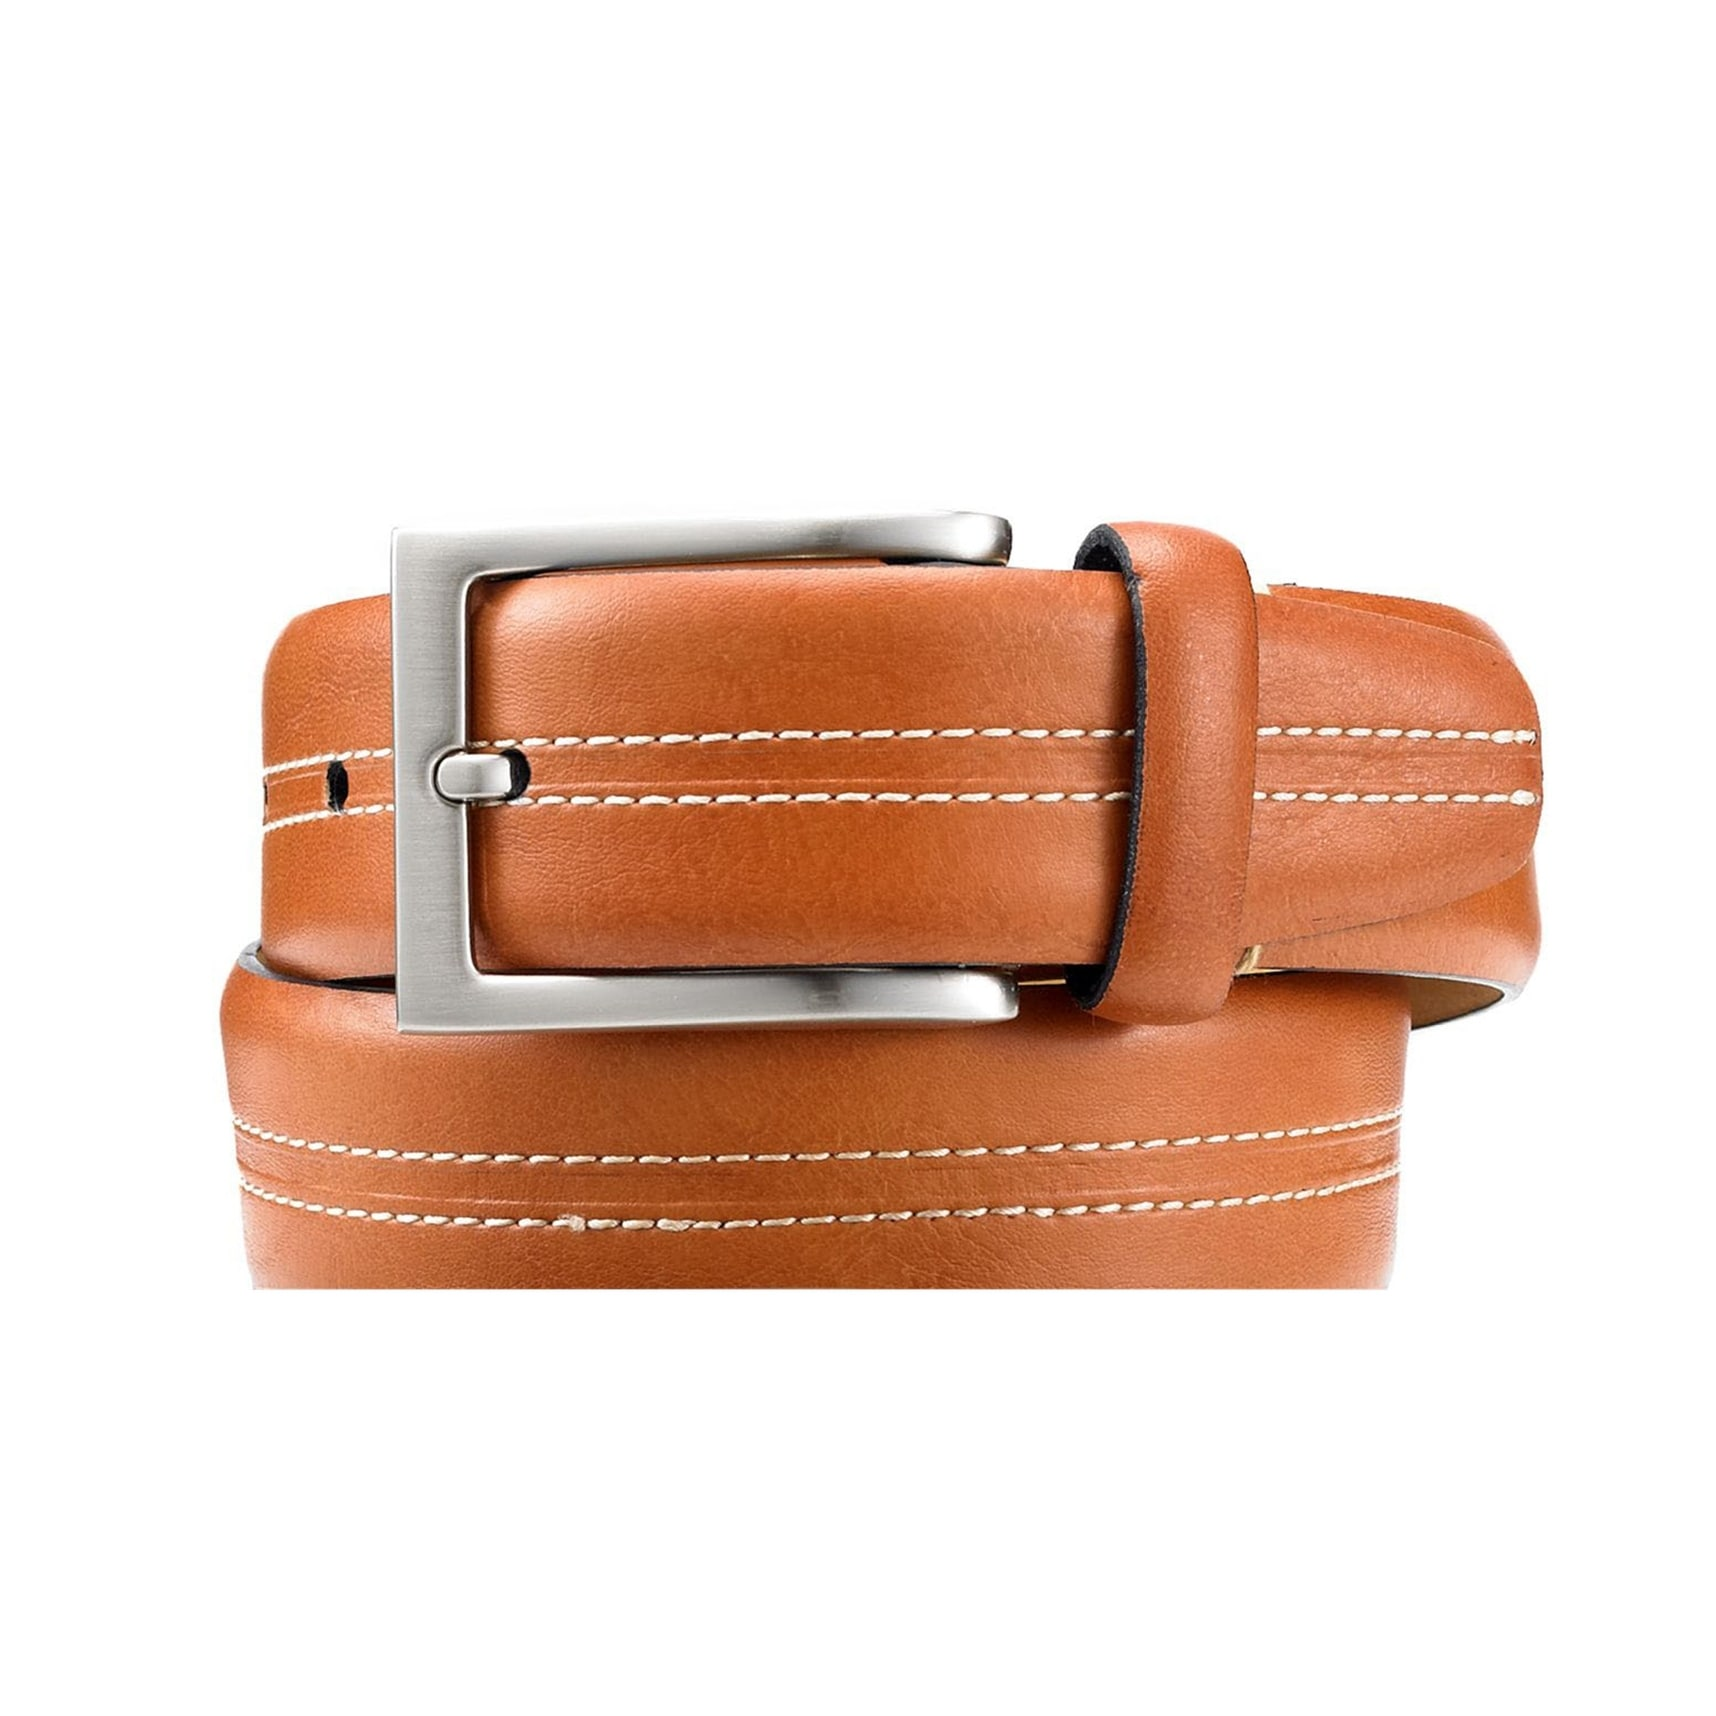 Tasso Elba 35mm Vachetta Casual Belt Black